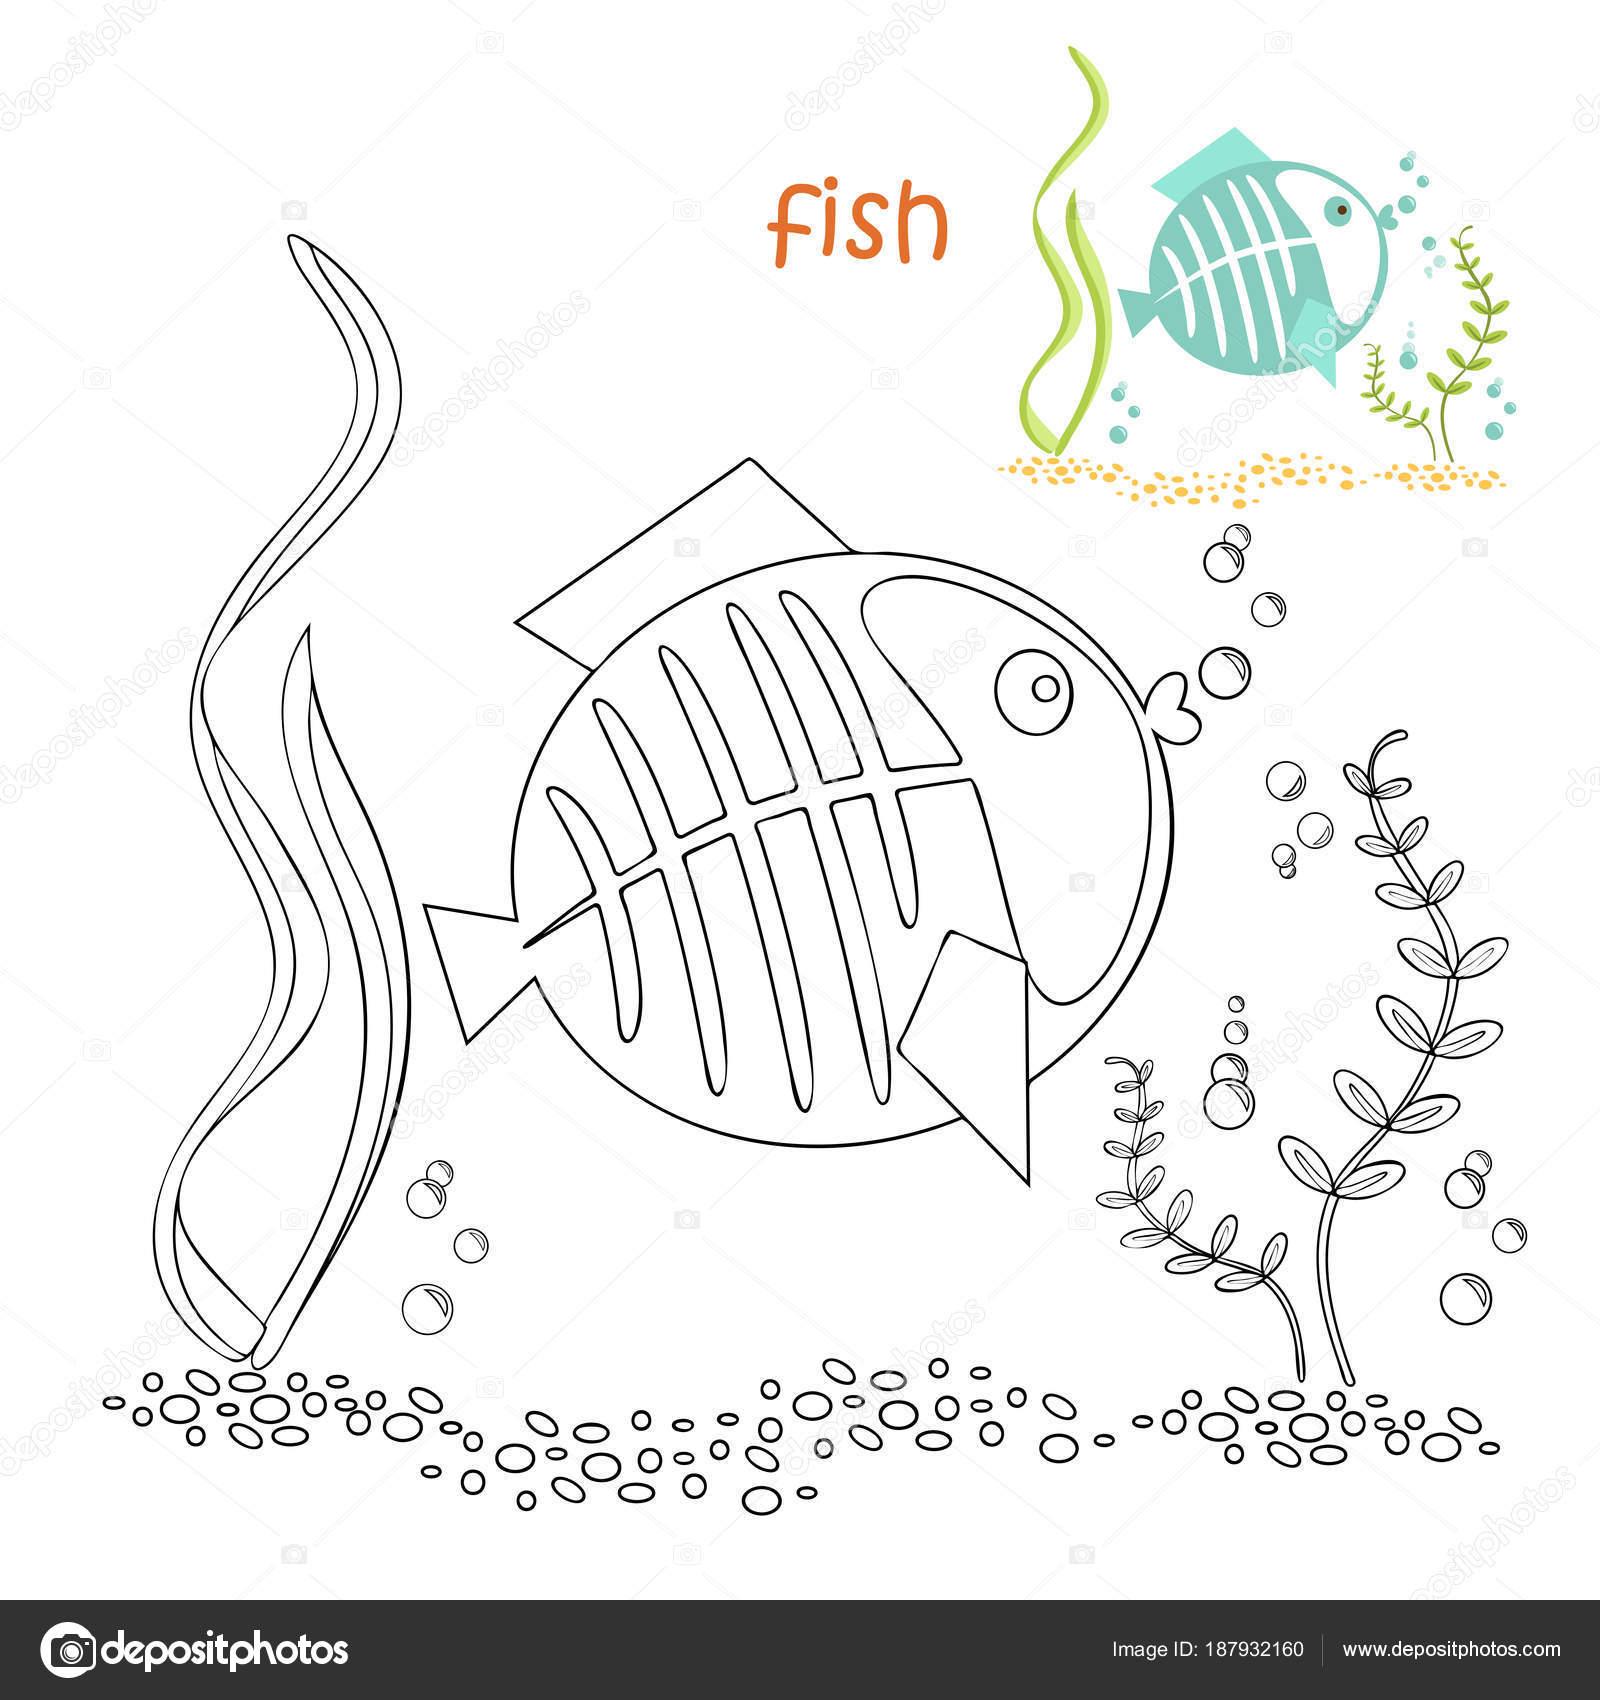 Großartig Süße Fisch Malvorlagen Galerie - Malvorlagen Von Tieren ...